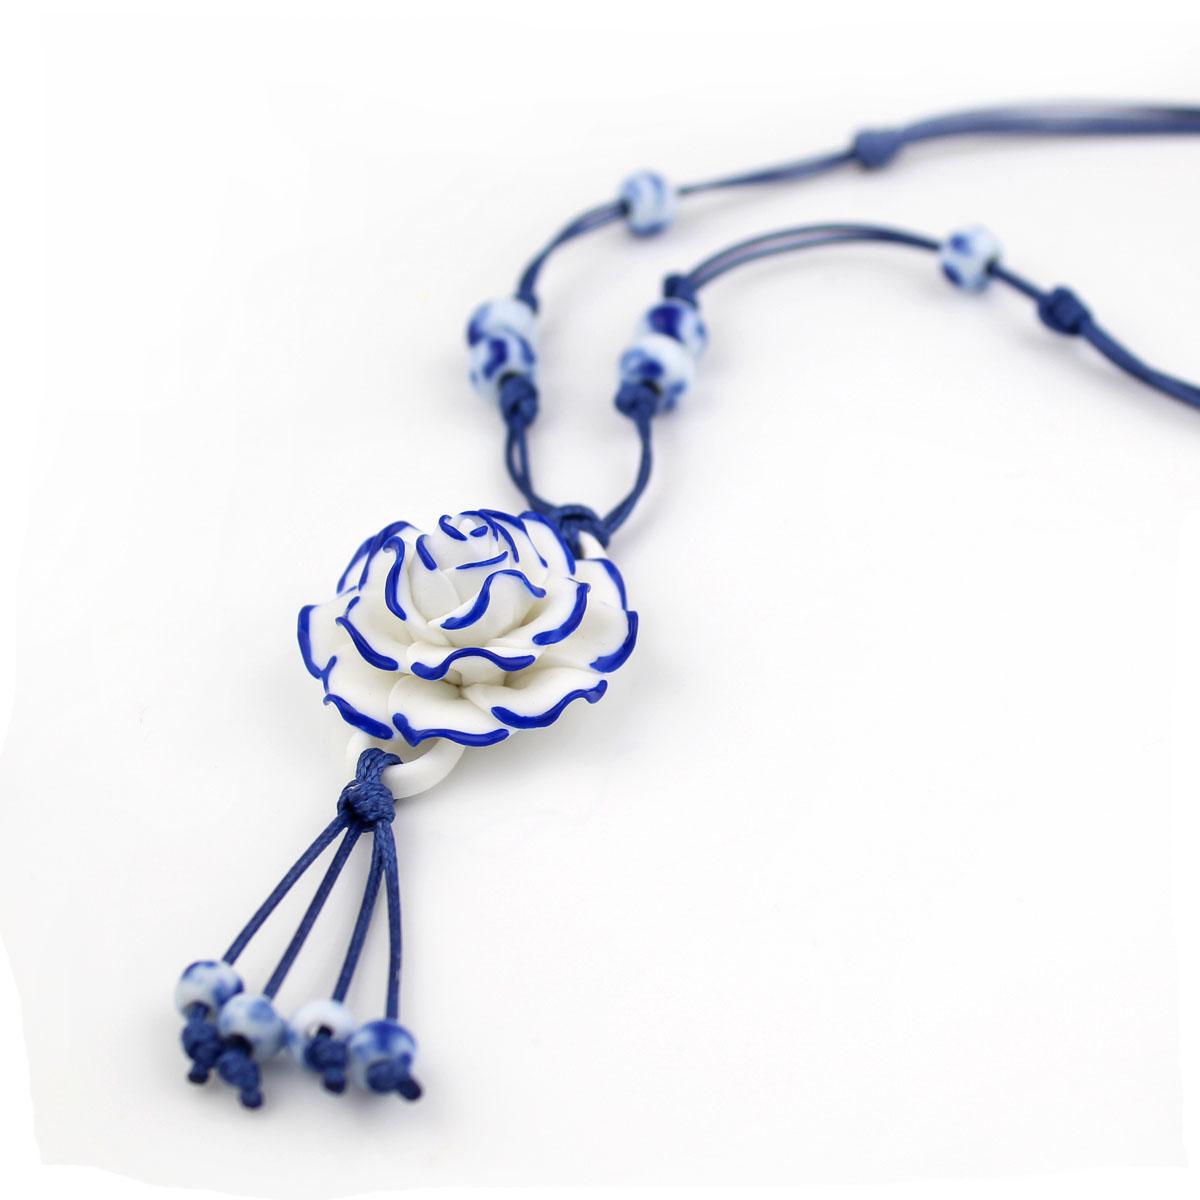 手上功夫景德镇原创青花瓷玫瑰花项链毛衣链女民族风饰品礼物包邮商品